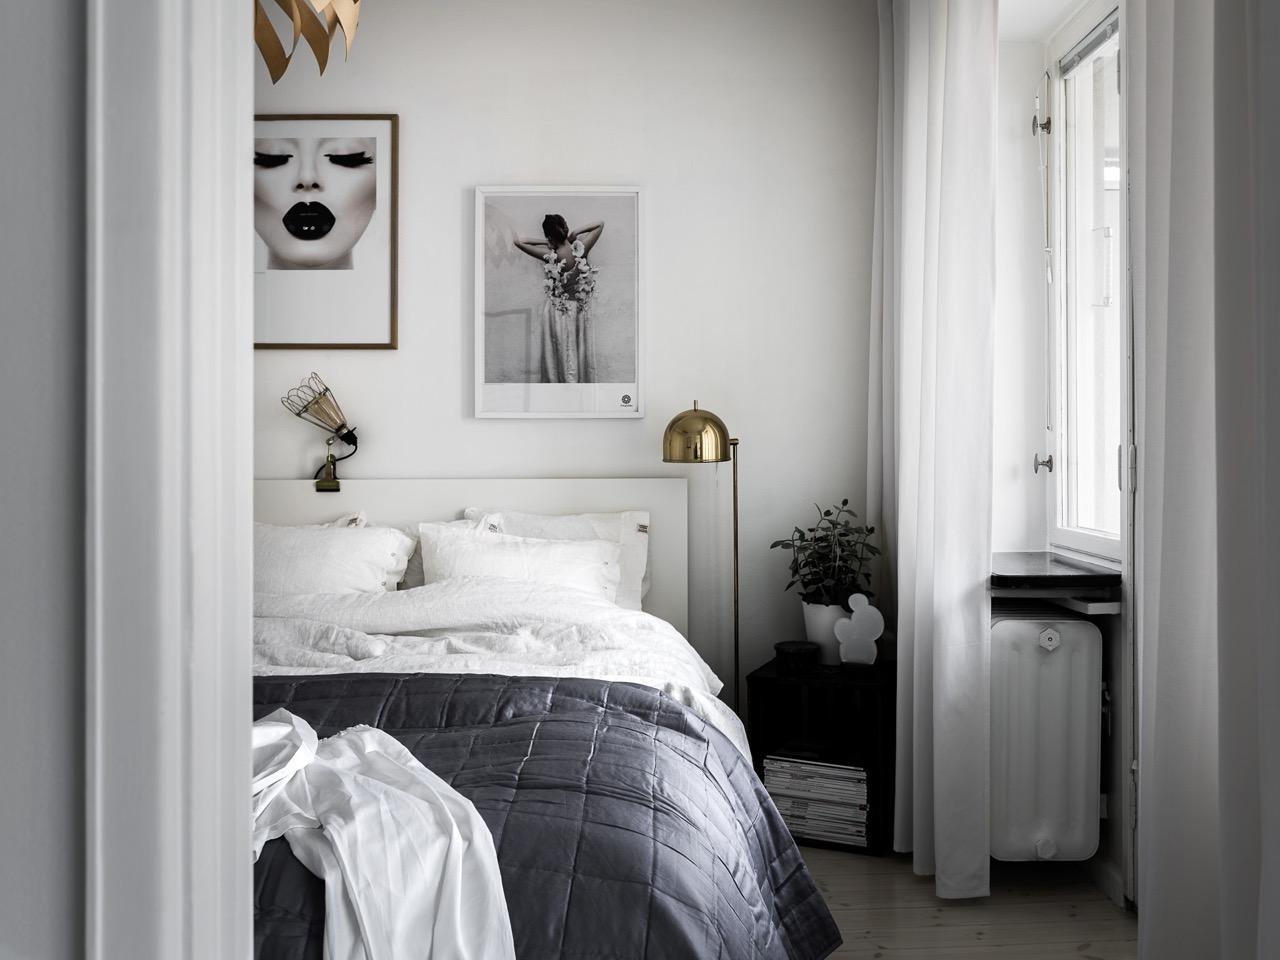 Skandinavisches Schlafzimmer In Schwarz Und Weiß #heizkörperverkleidung  ©Mainstreet Stockholm